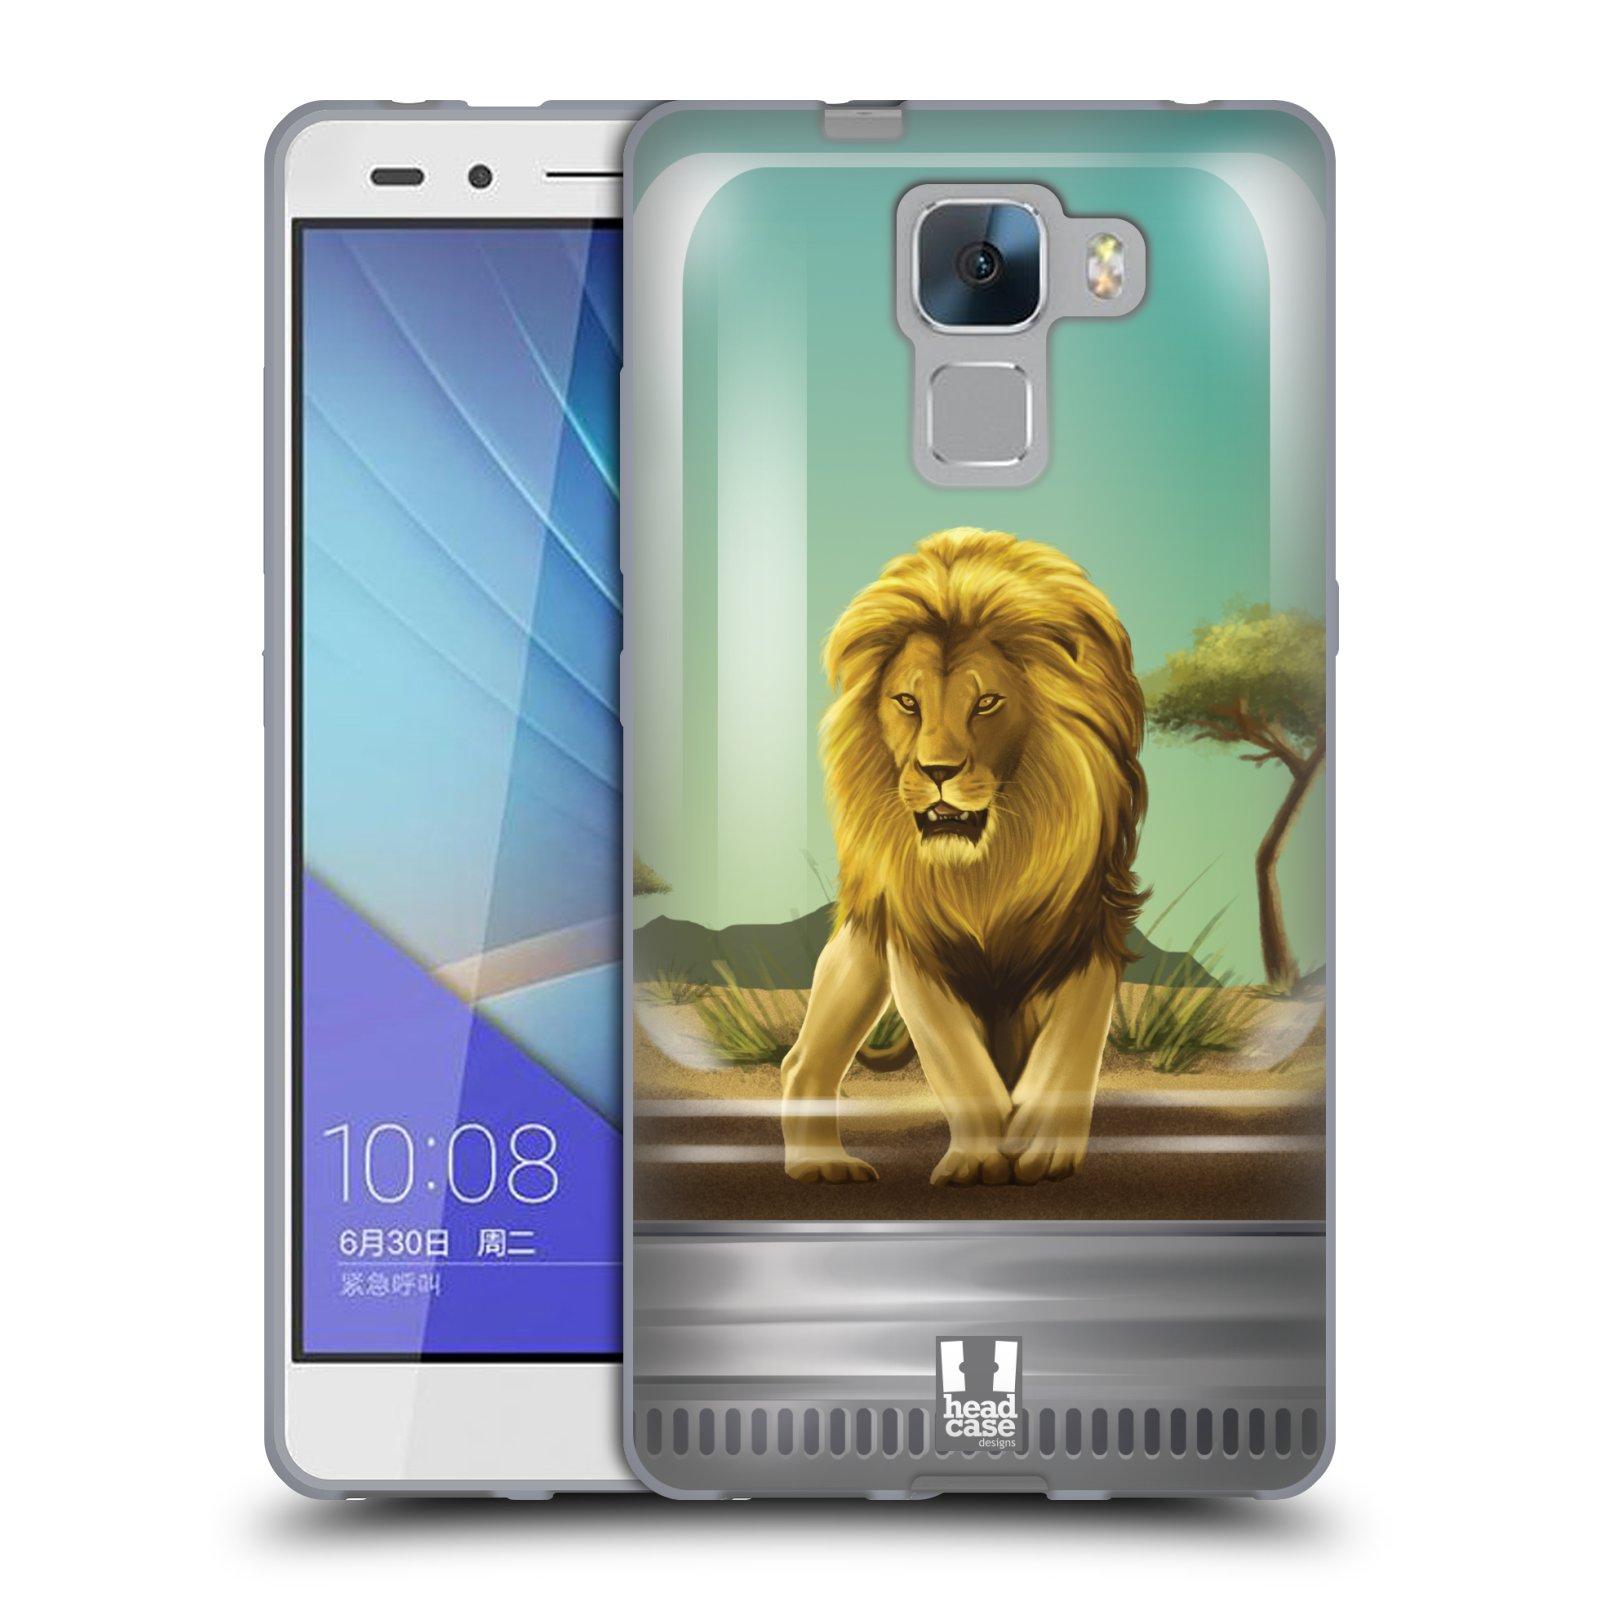 HEAD CASE silikonový obal na mobil HUAWEI HONOR 7 vzor Zvířátka v těžítku lev